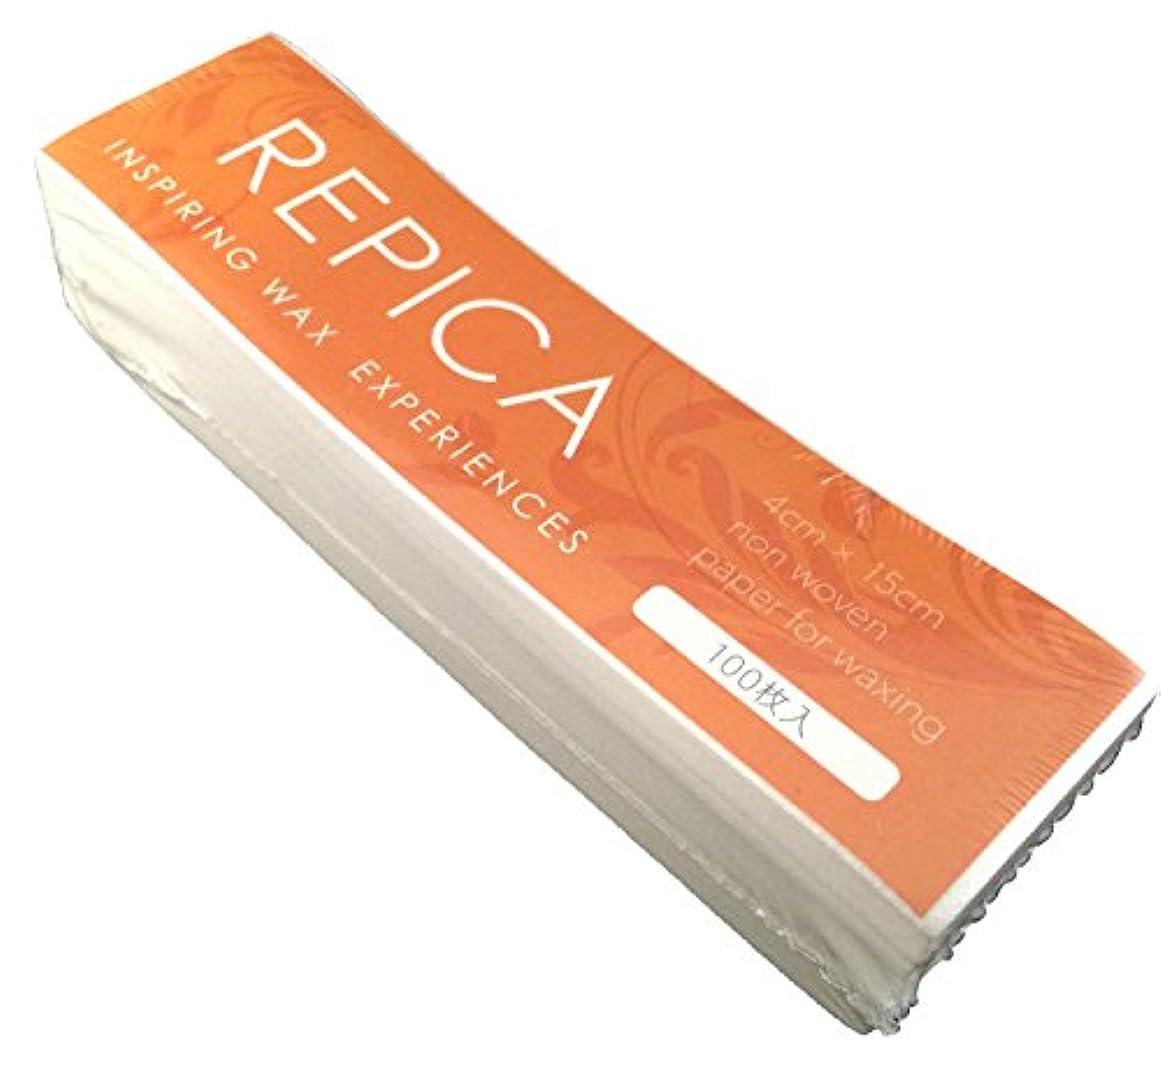 彫る晩ごはん故国REPICA ブラジリアンワックス脱毛 カットペーパー Sサイズ100枚入り×5個セット ワックス脱毛 ワックスシート ストリップシート